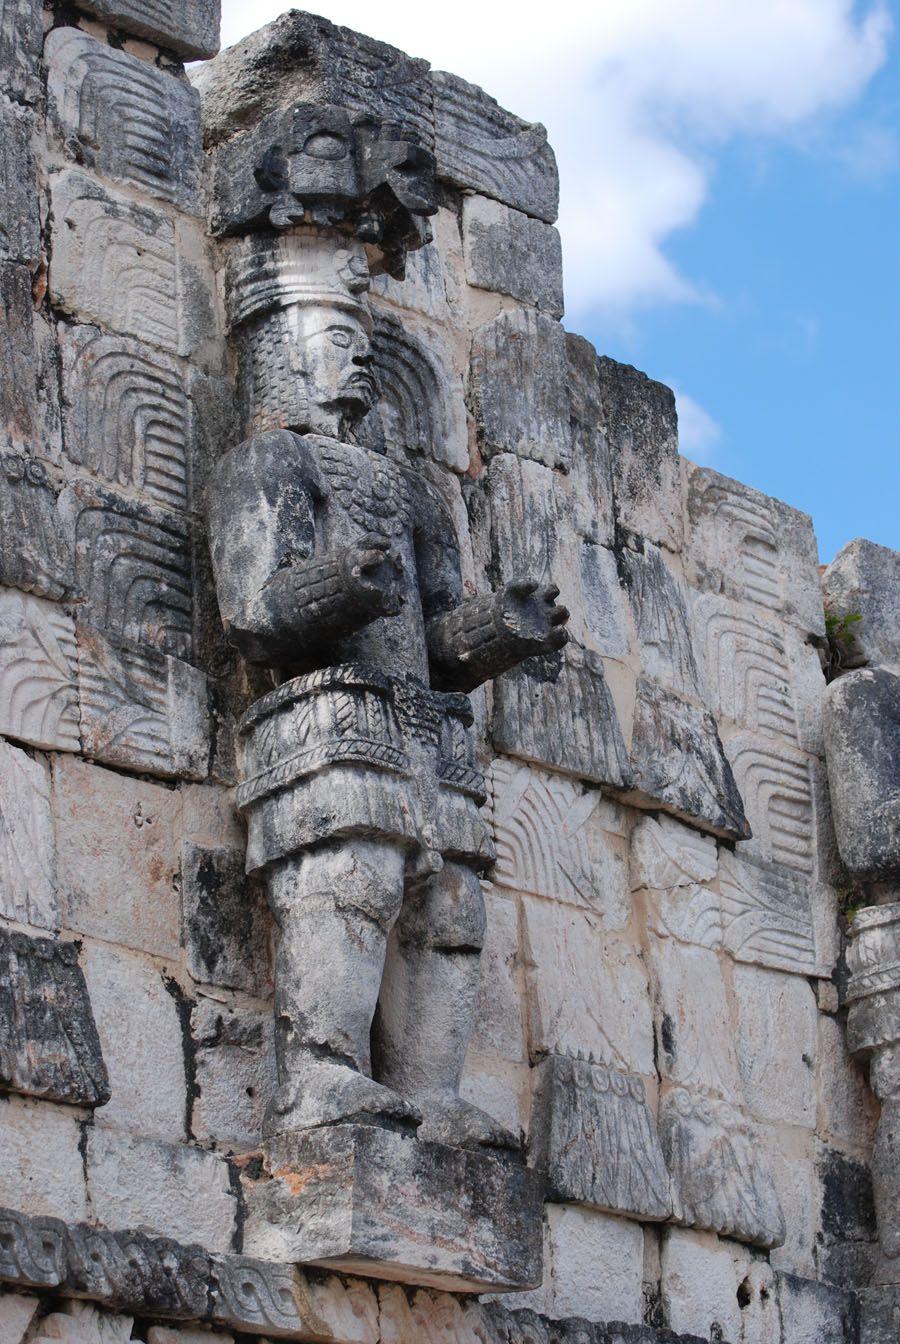 Maya ruins of Kabah, Mexico, showing a carving of the Mayan god Chaac.